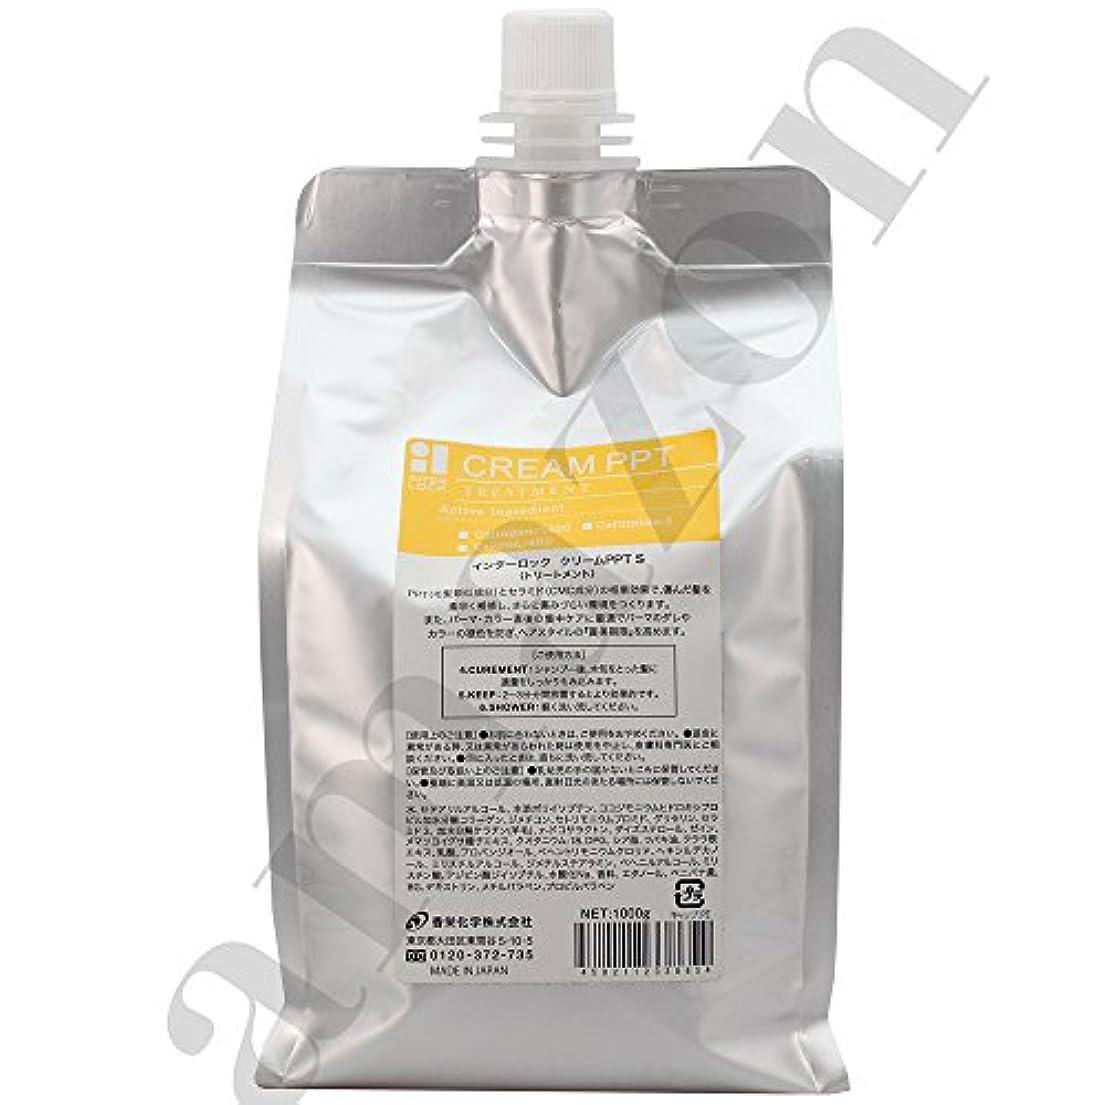 記念日ホールドオール悲しい香栄化学 インターロック クリームPPT S レフィル 1000g